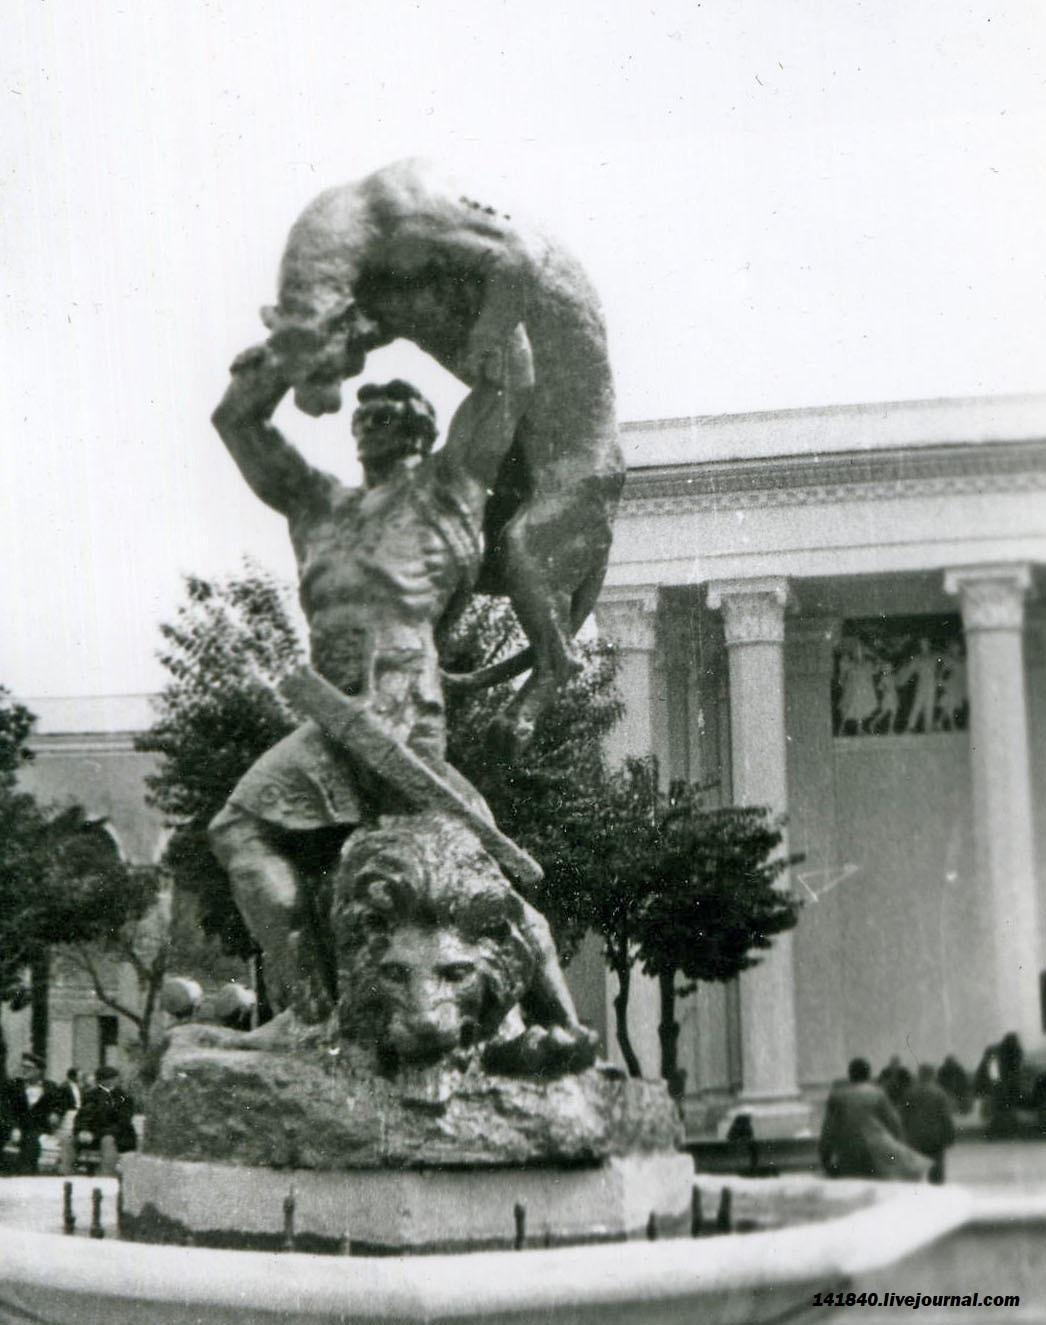 Цхалтубо Источник №6 Барельеф и Сталин Фонтан Витязь.jpg